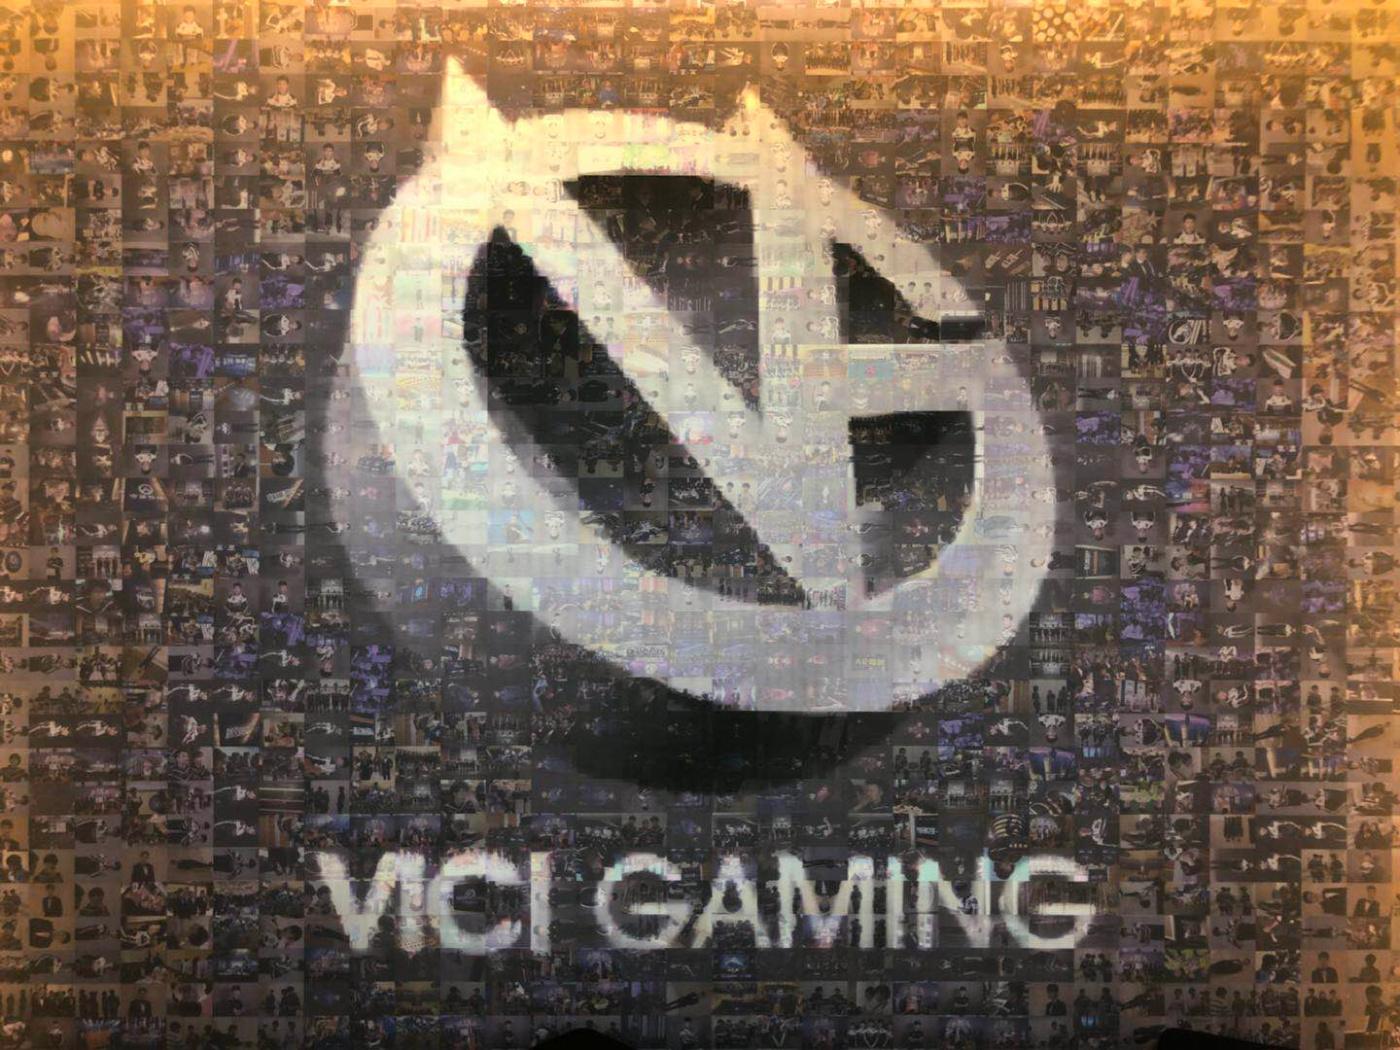 VG电竞俱乐部照片墙,你是否能寻觅到熟悉的身影?